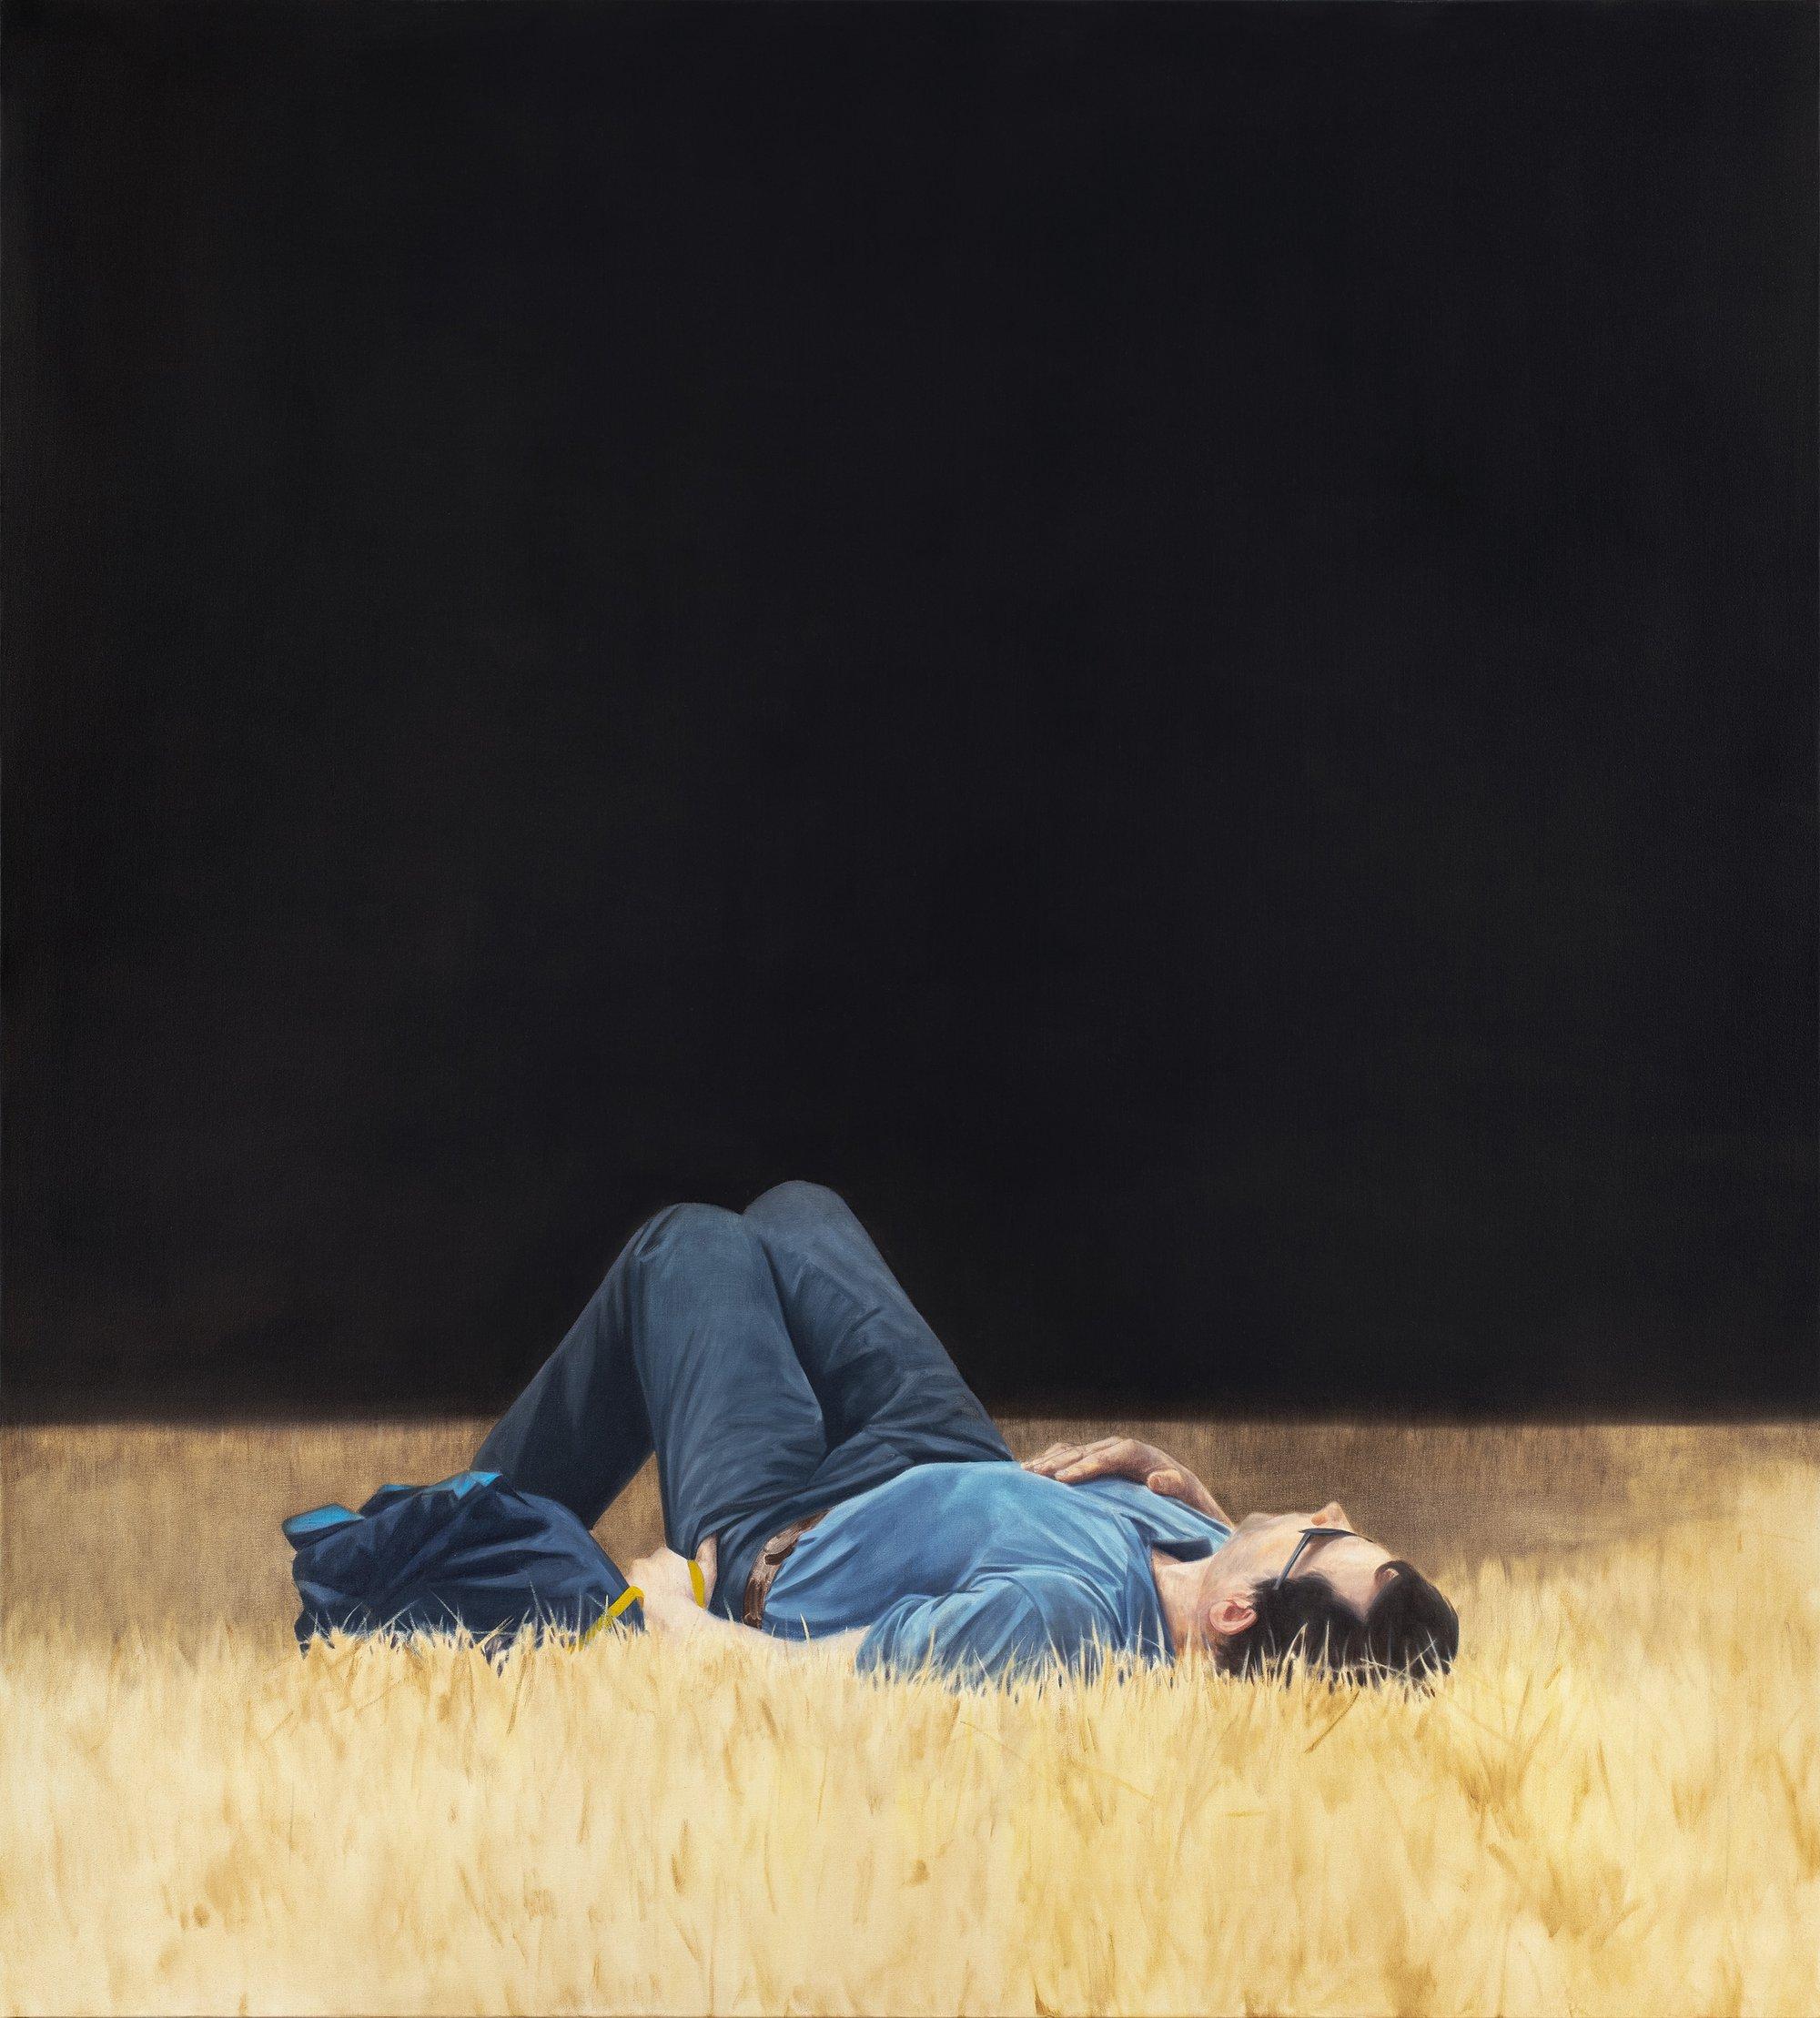 Tim Eitel | Pace Gallery